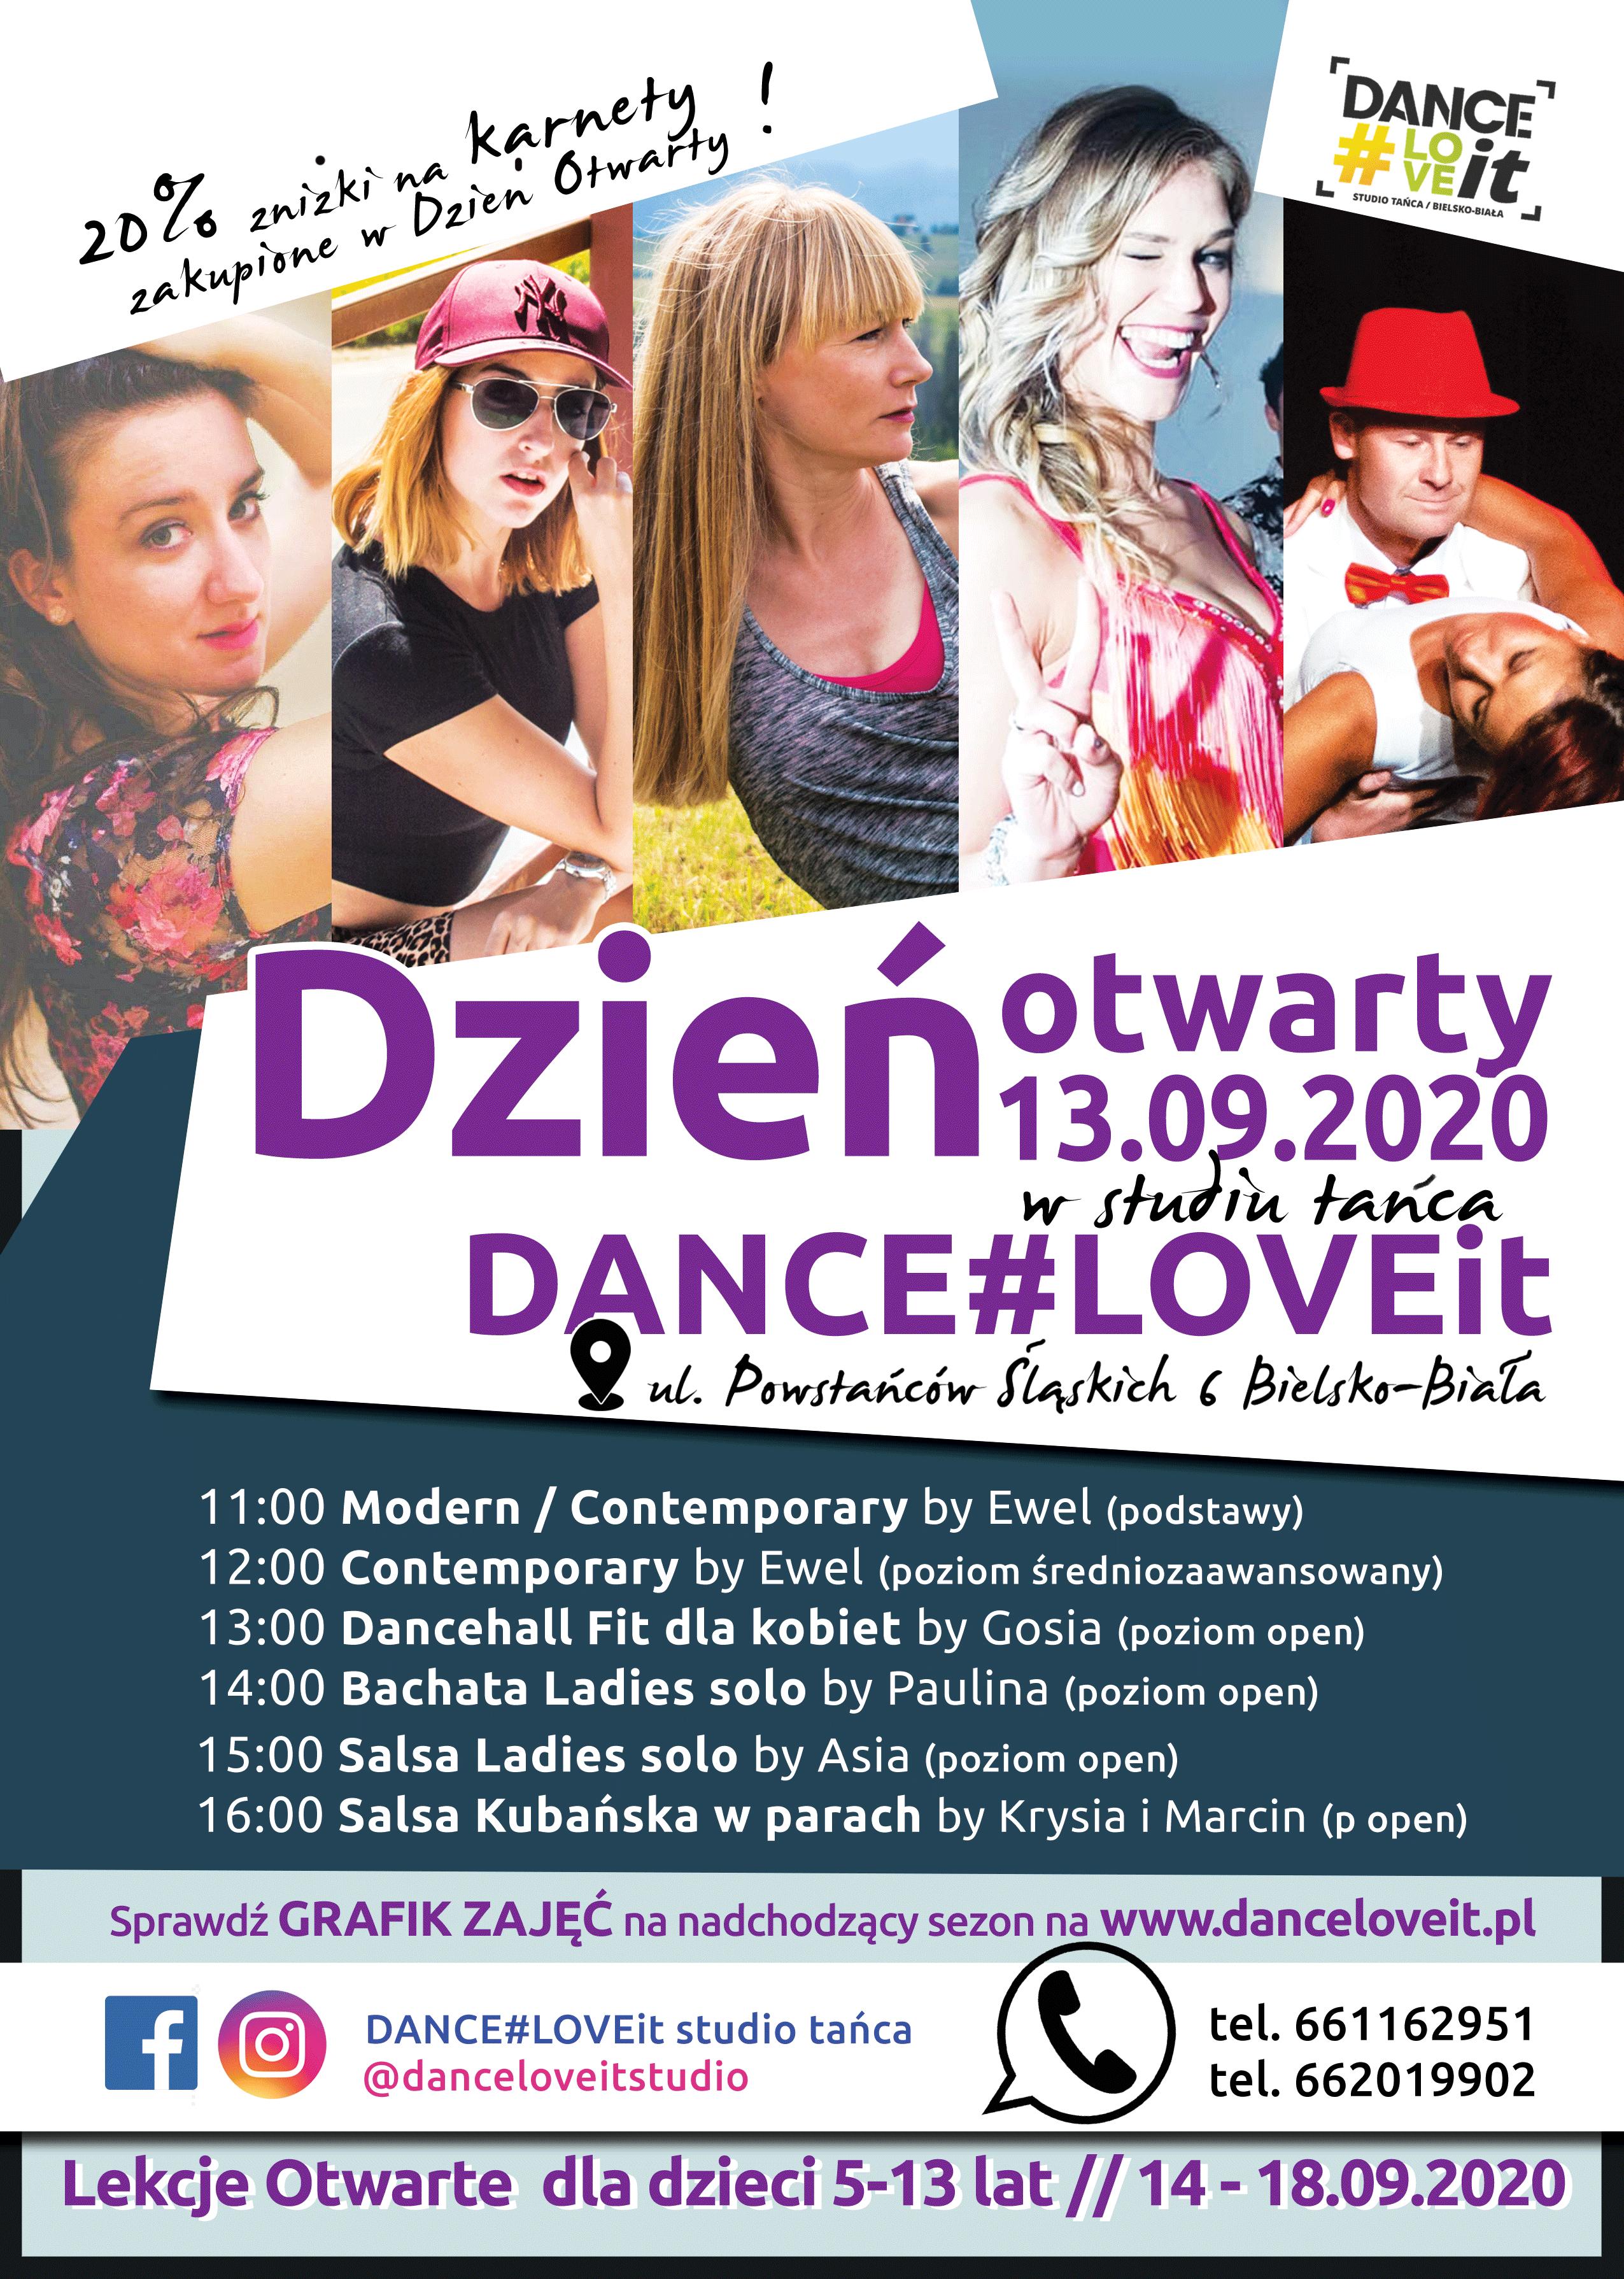 dzień-otwarty-drzwi-otwarte-bielsko-biala-szkola-tańca-dance-love-it-danceloveit-nowy-sezon